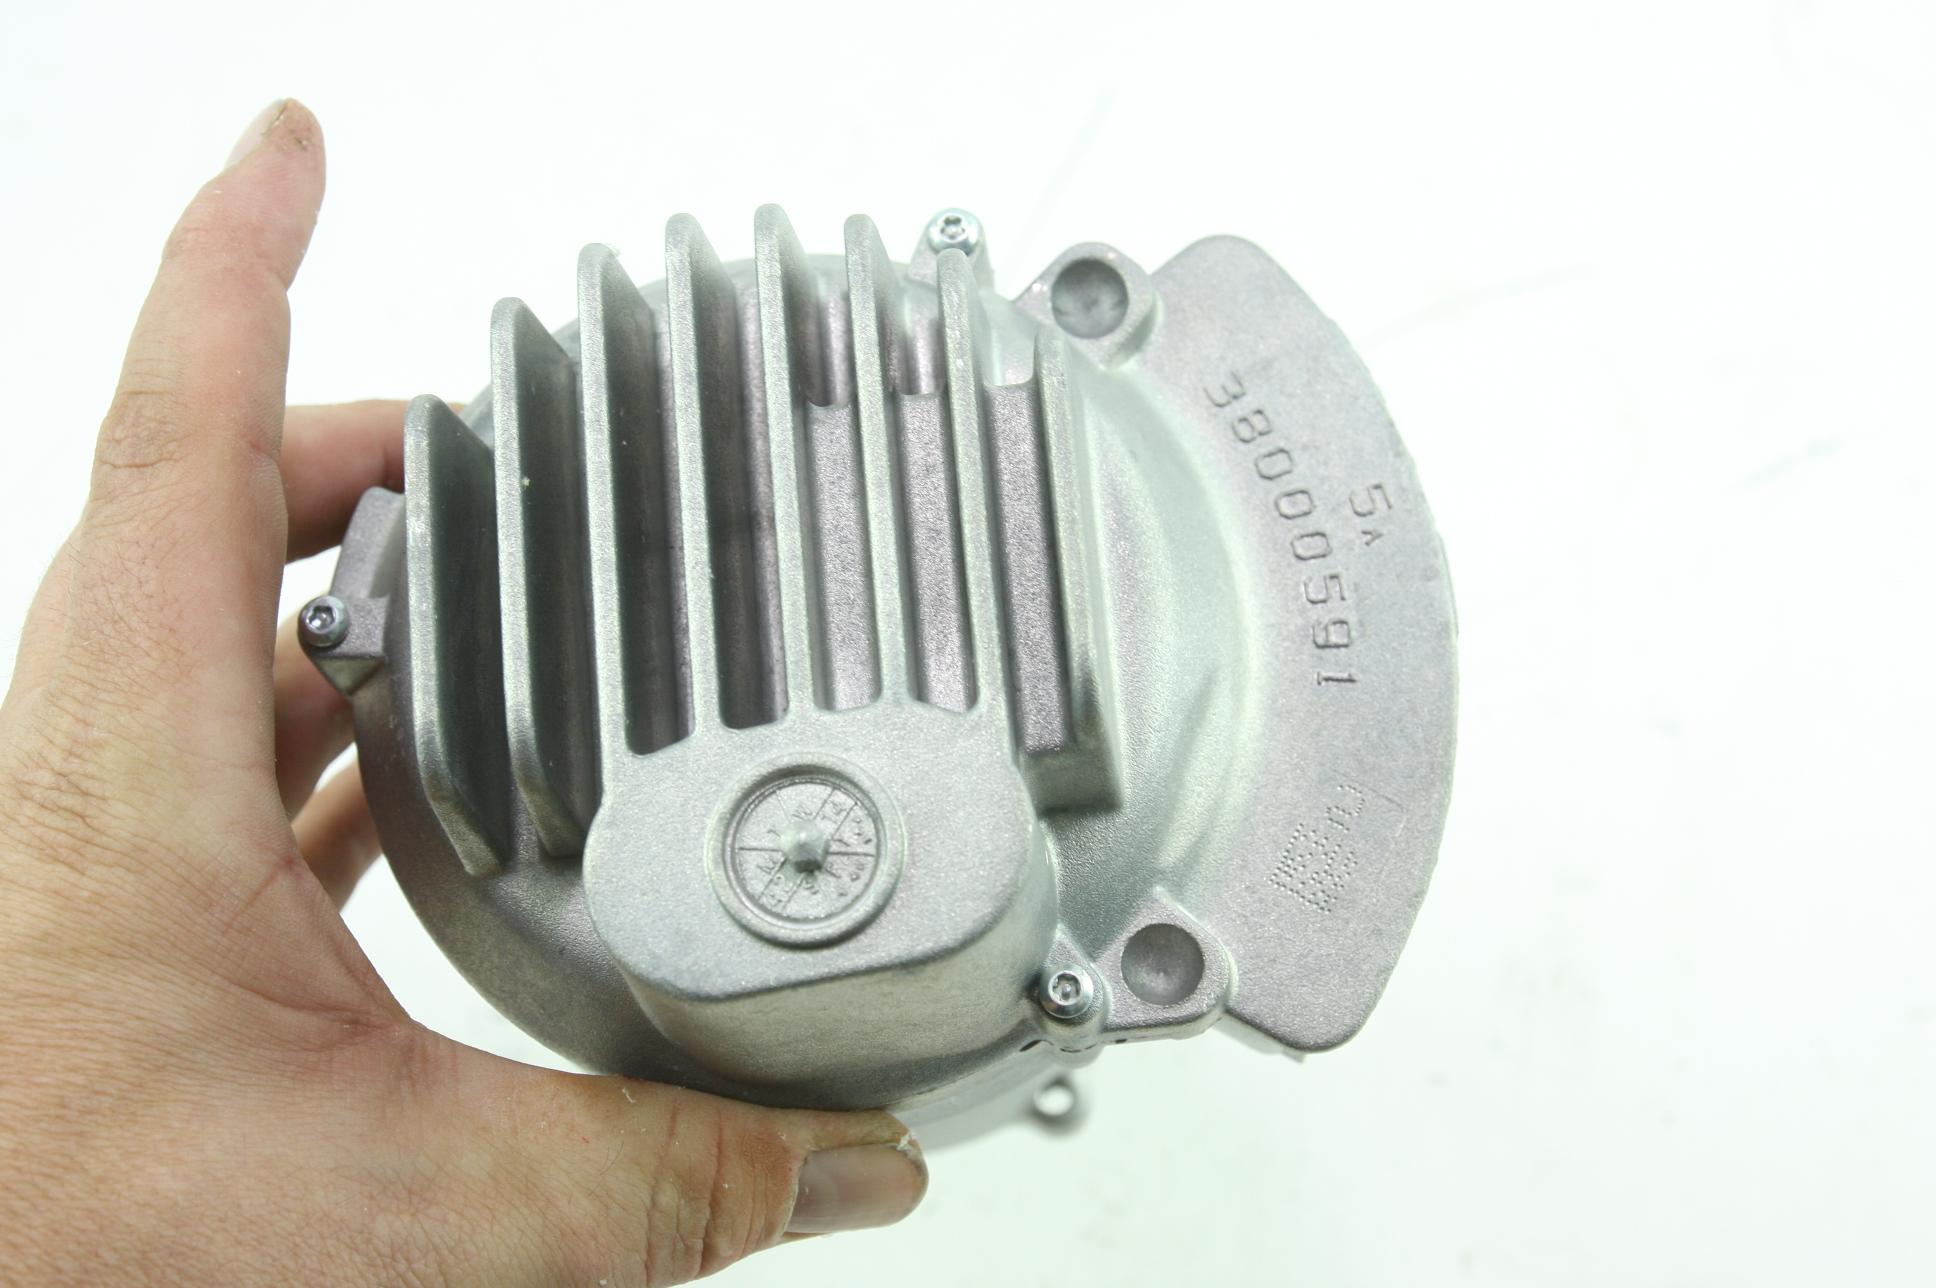 New OEM 23479299 Genuine GM Steering Gear Electric Power Steering Motor NIP - image 9